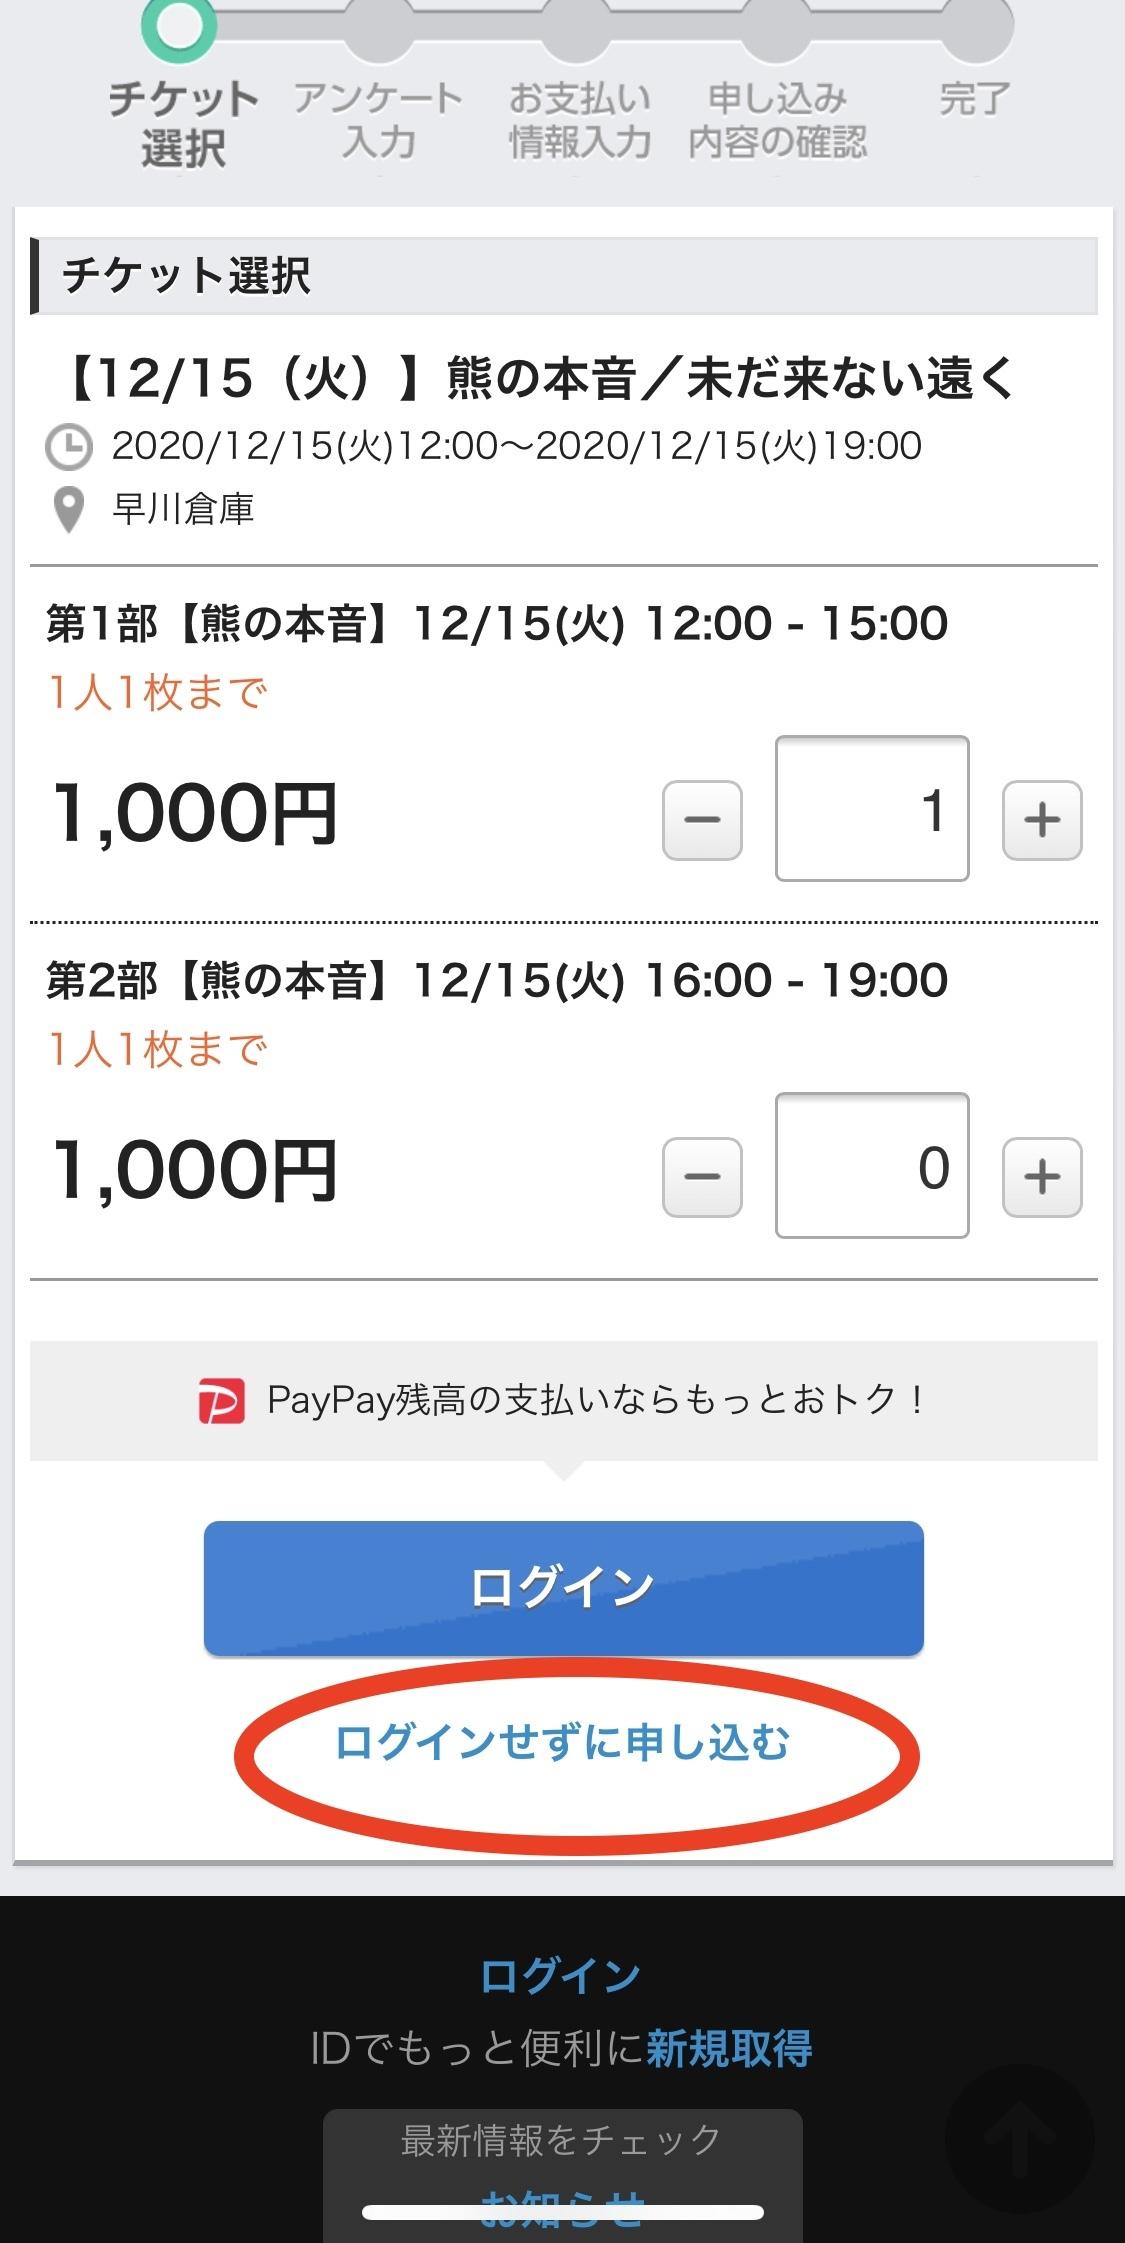 PassMarket チケット購入方法_e0083986_00232706.jpeg